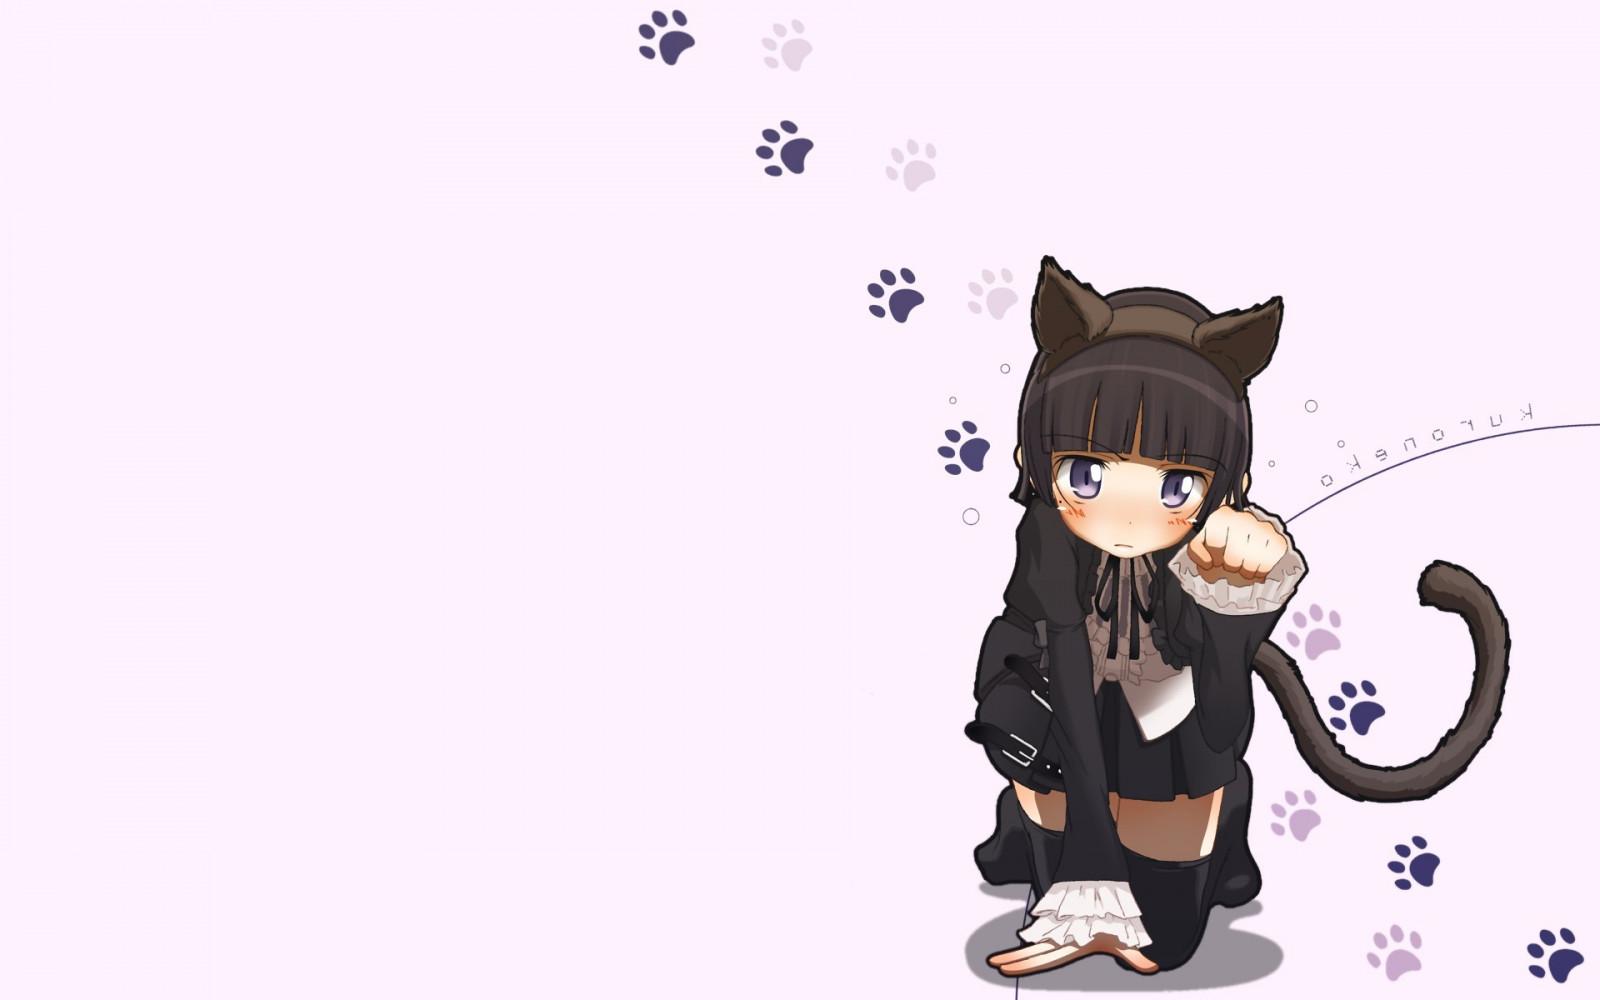 Sfondi illustrazione anime ragazza gatto cartone